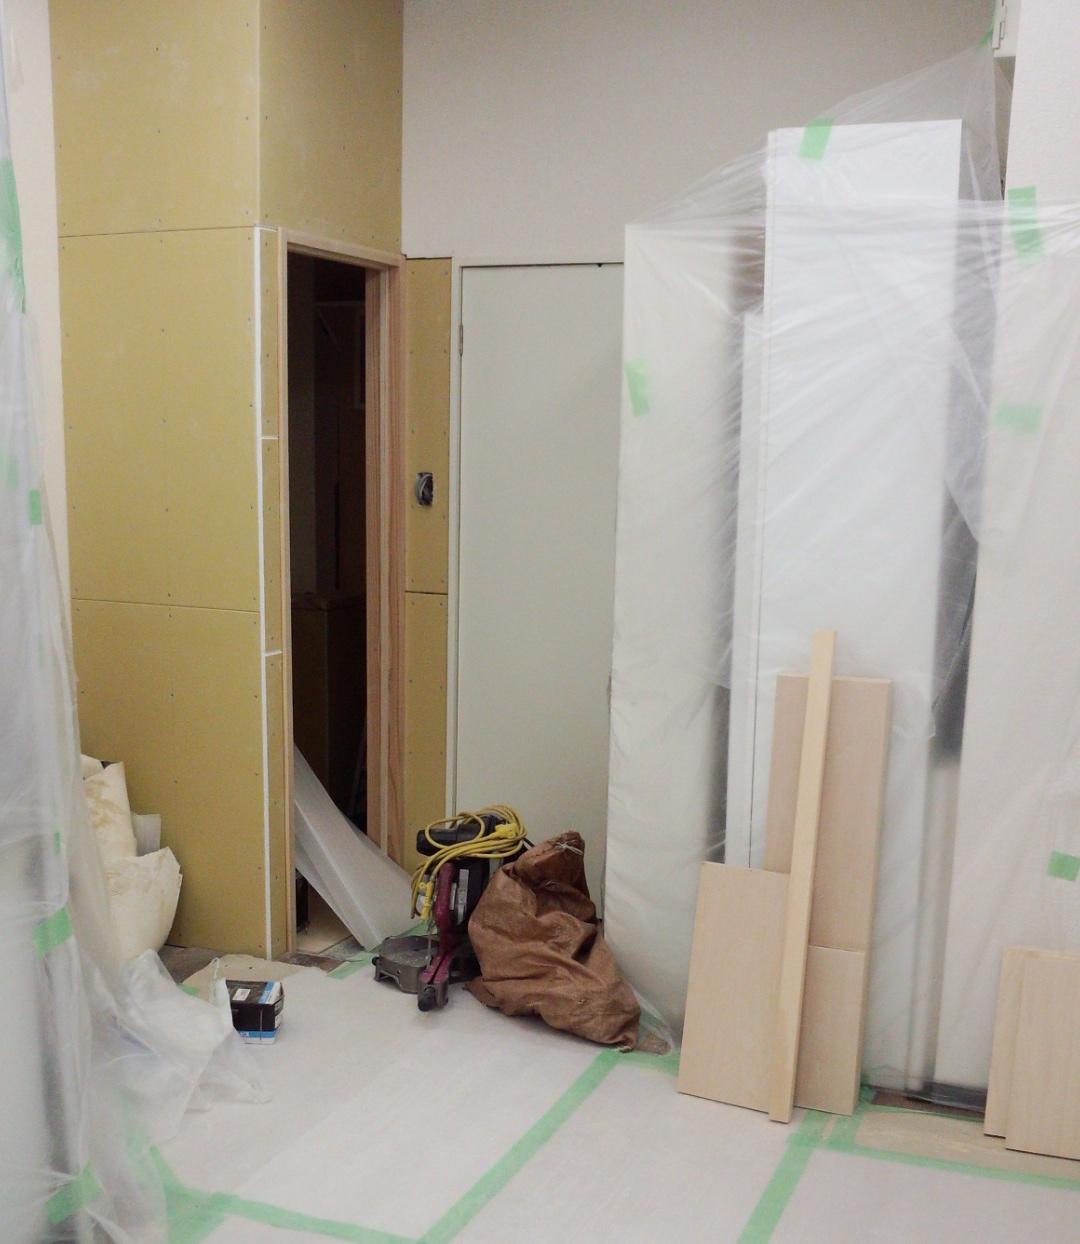 荒川で事務所兼ワークショップスペースを始める:その5 - 何事もやってみないとわからない〜トイレ改装 & リアルなお金のお話〜の巻